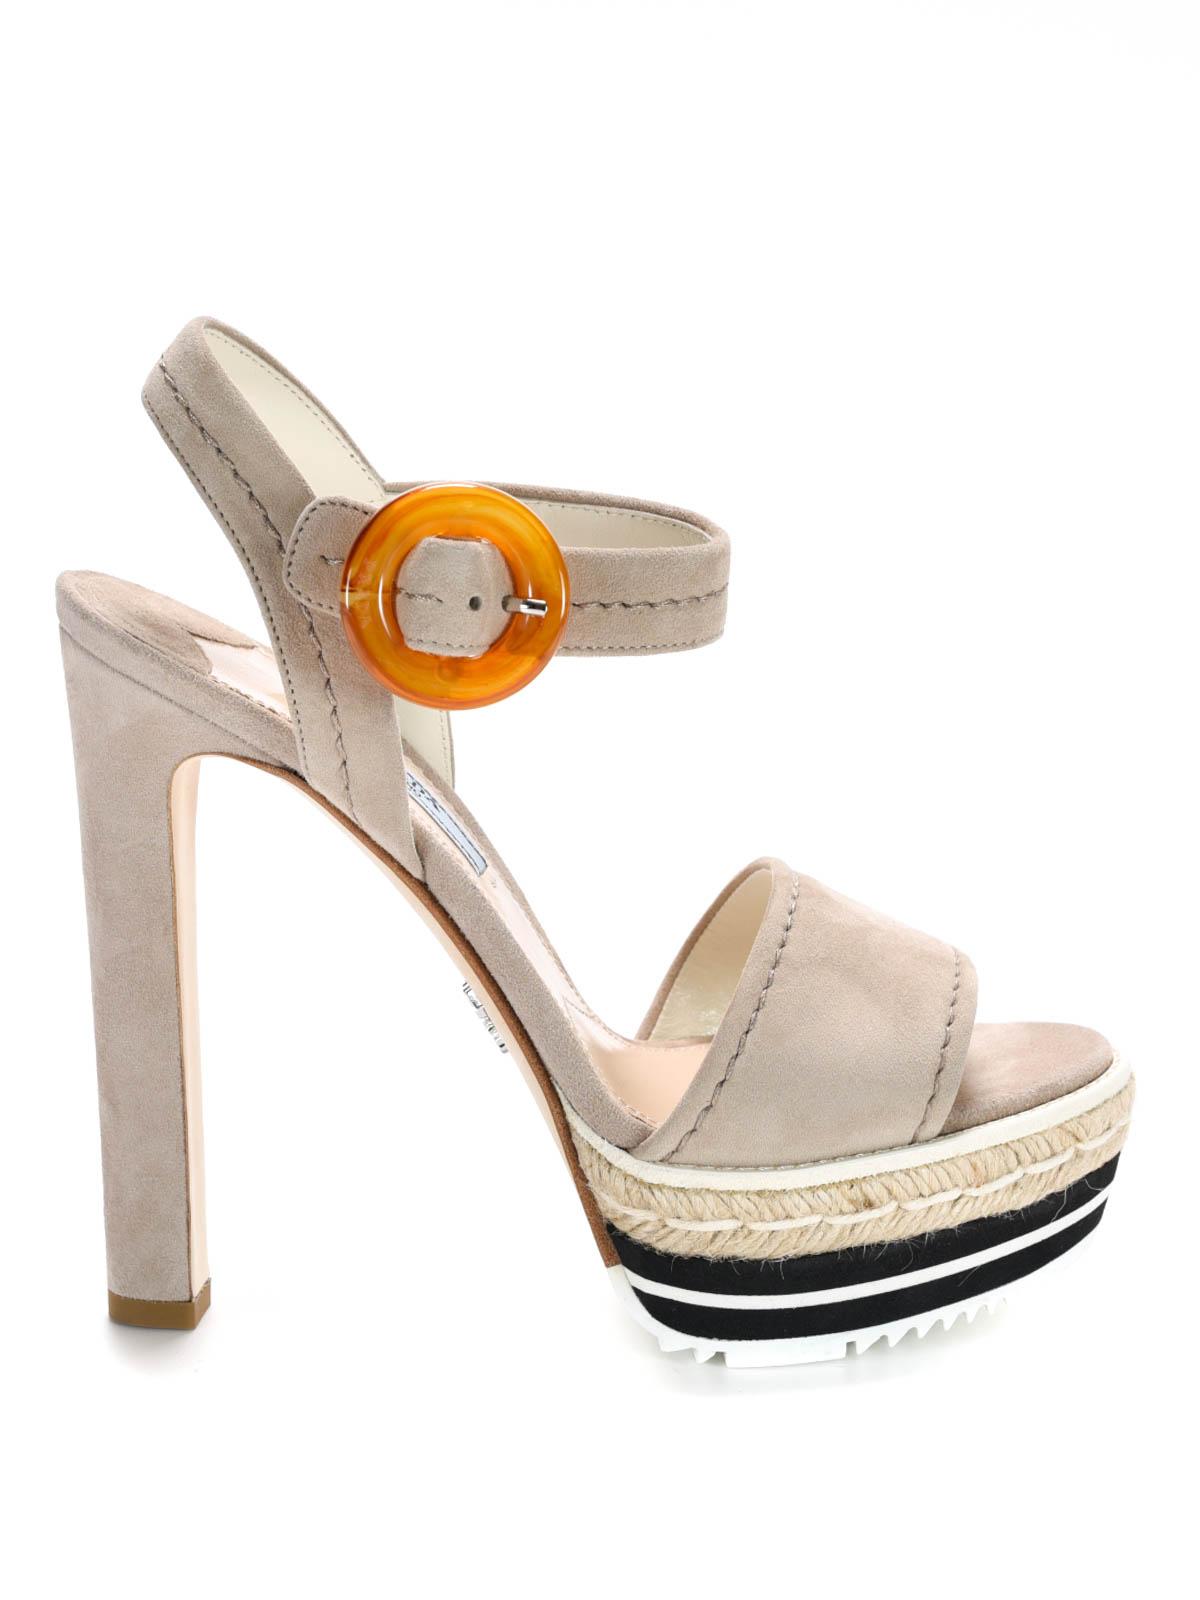 Suede platform sandals by Prada - sandals | iKRIX